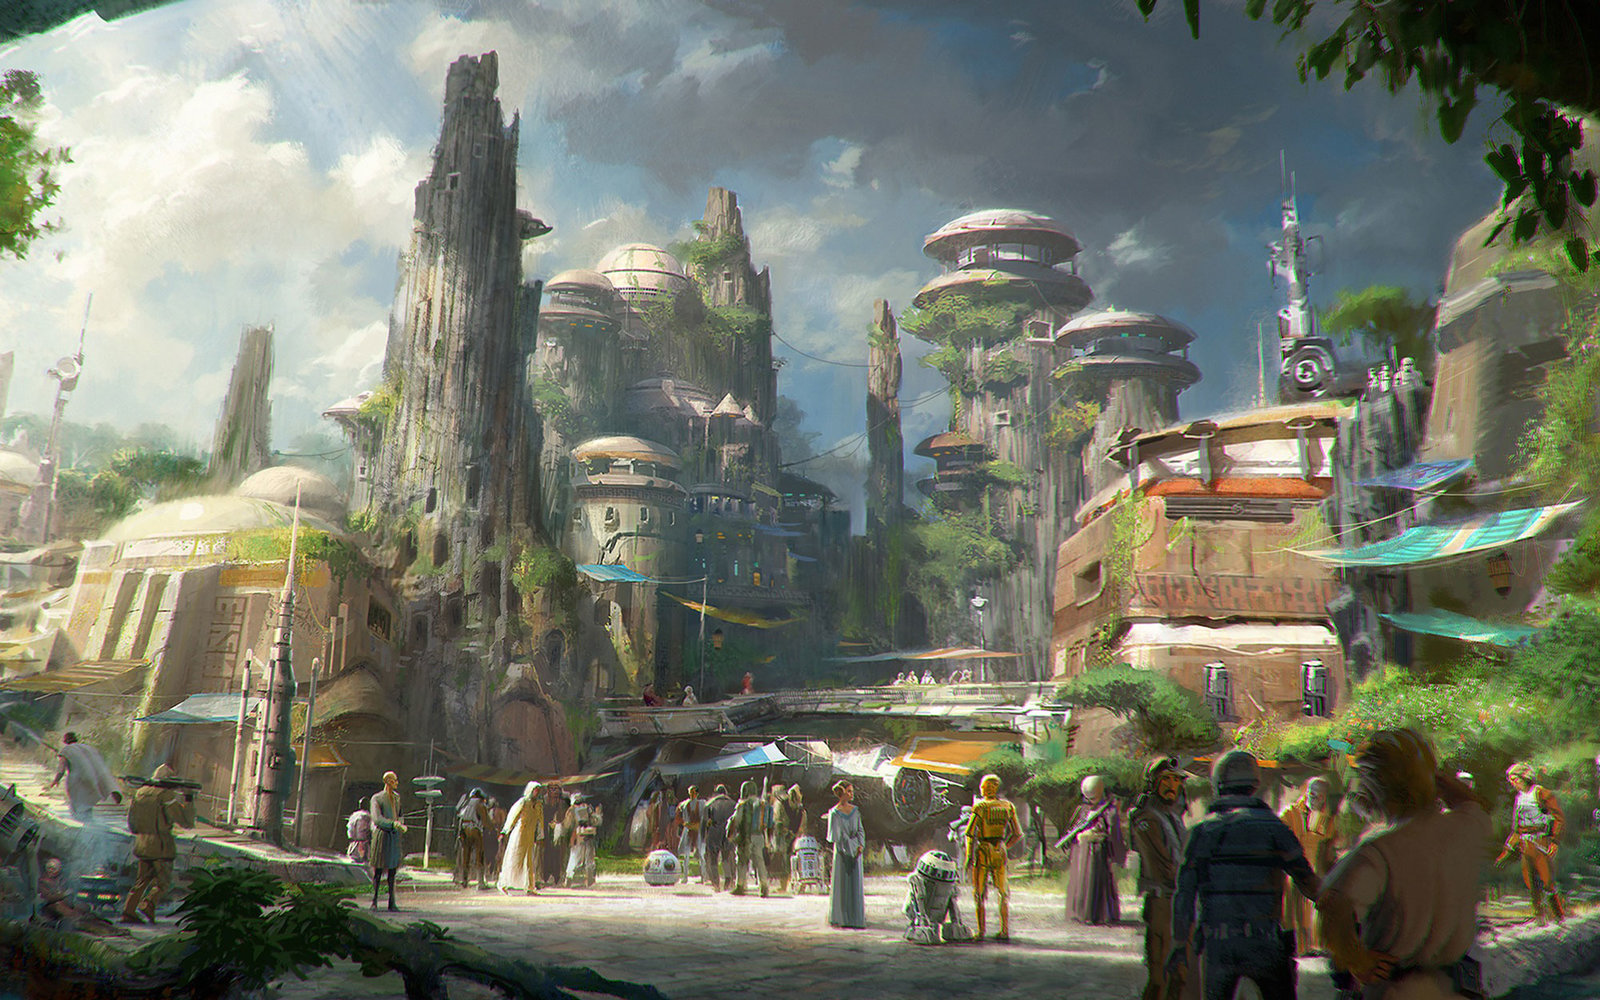 Star Wars Park Disneyland 01 CONCEPT0516